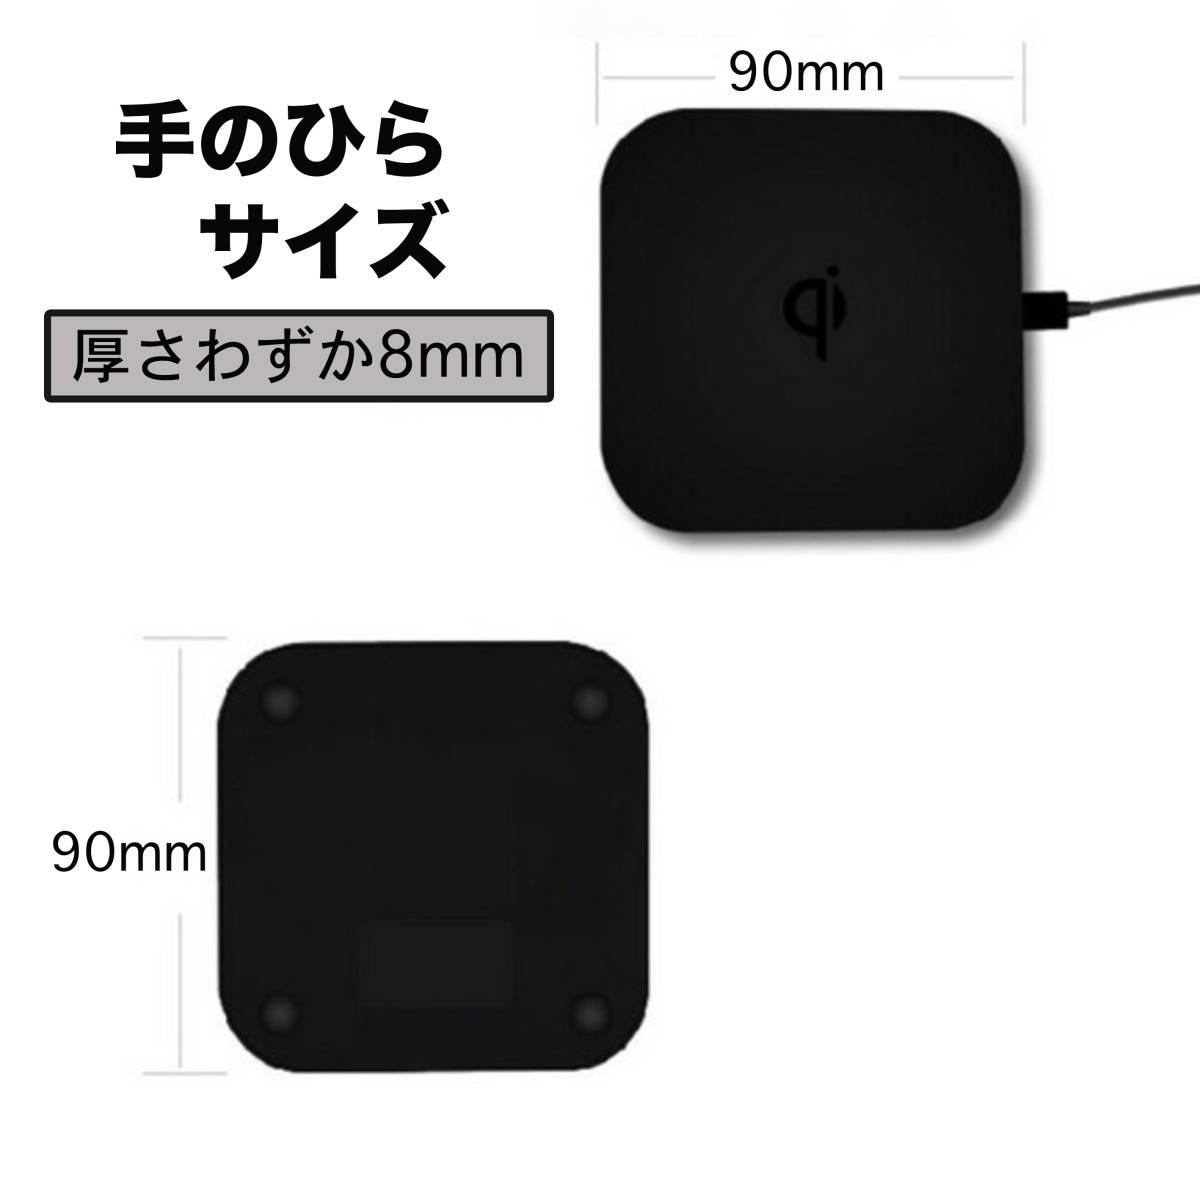 2台セット ワイヤレス充電器 卓上【急速10Wグレードアップ】 折畳み スタンド&おくだけパッド USB出力2口 3台同時充電 [黒&白] _画像8